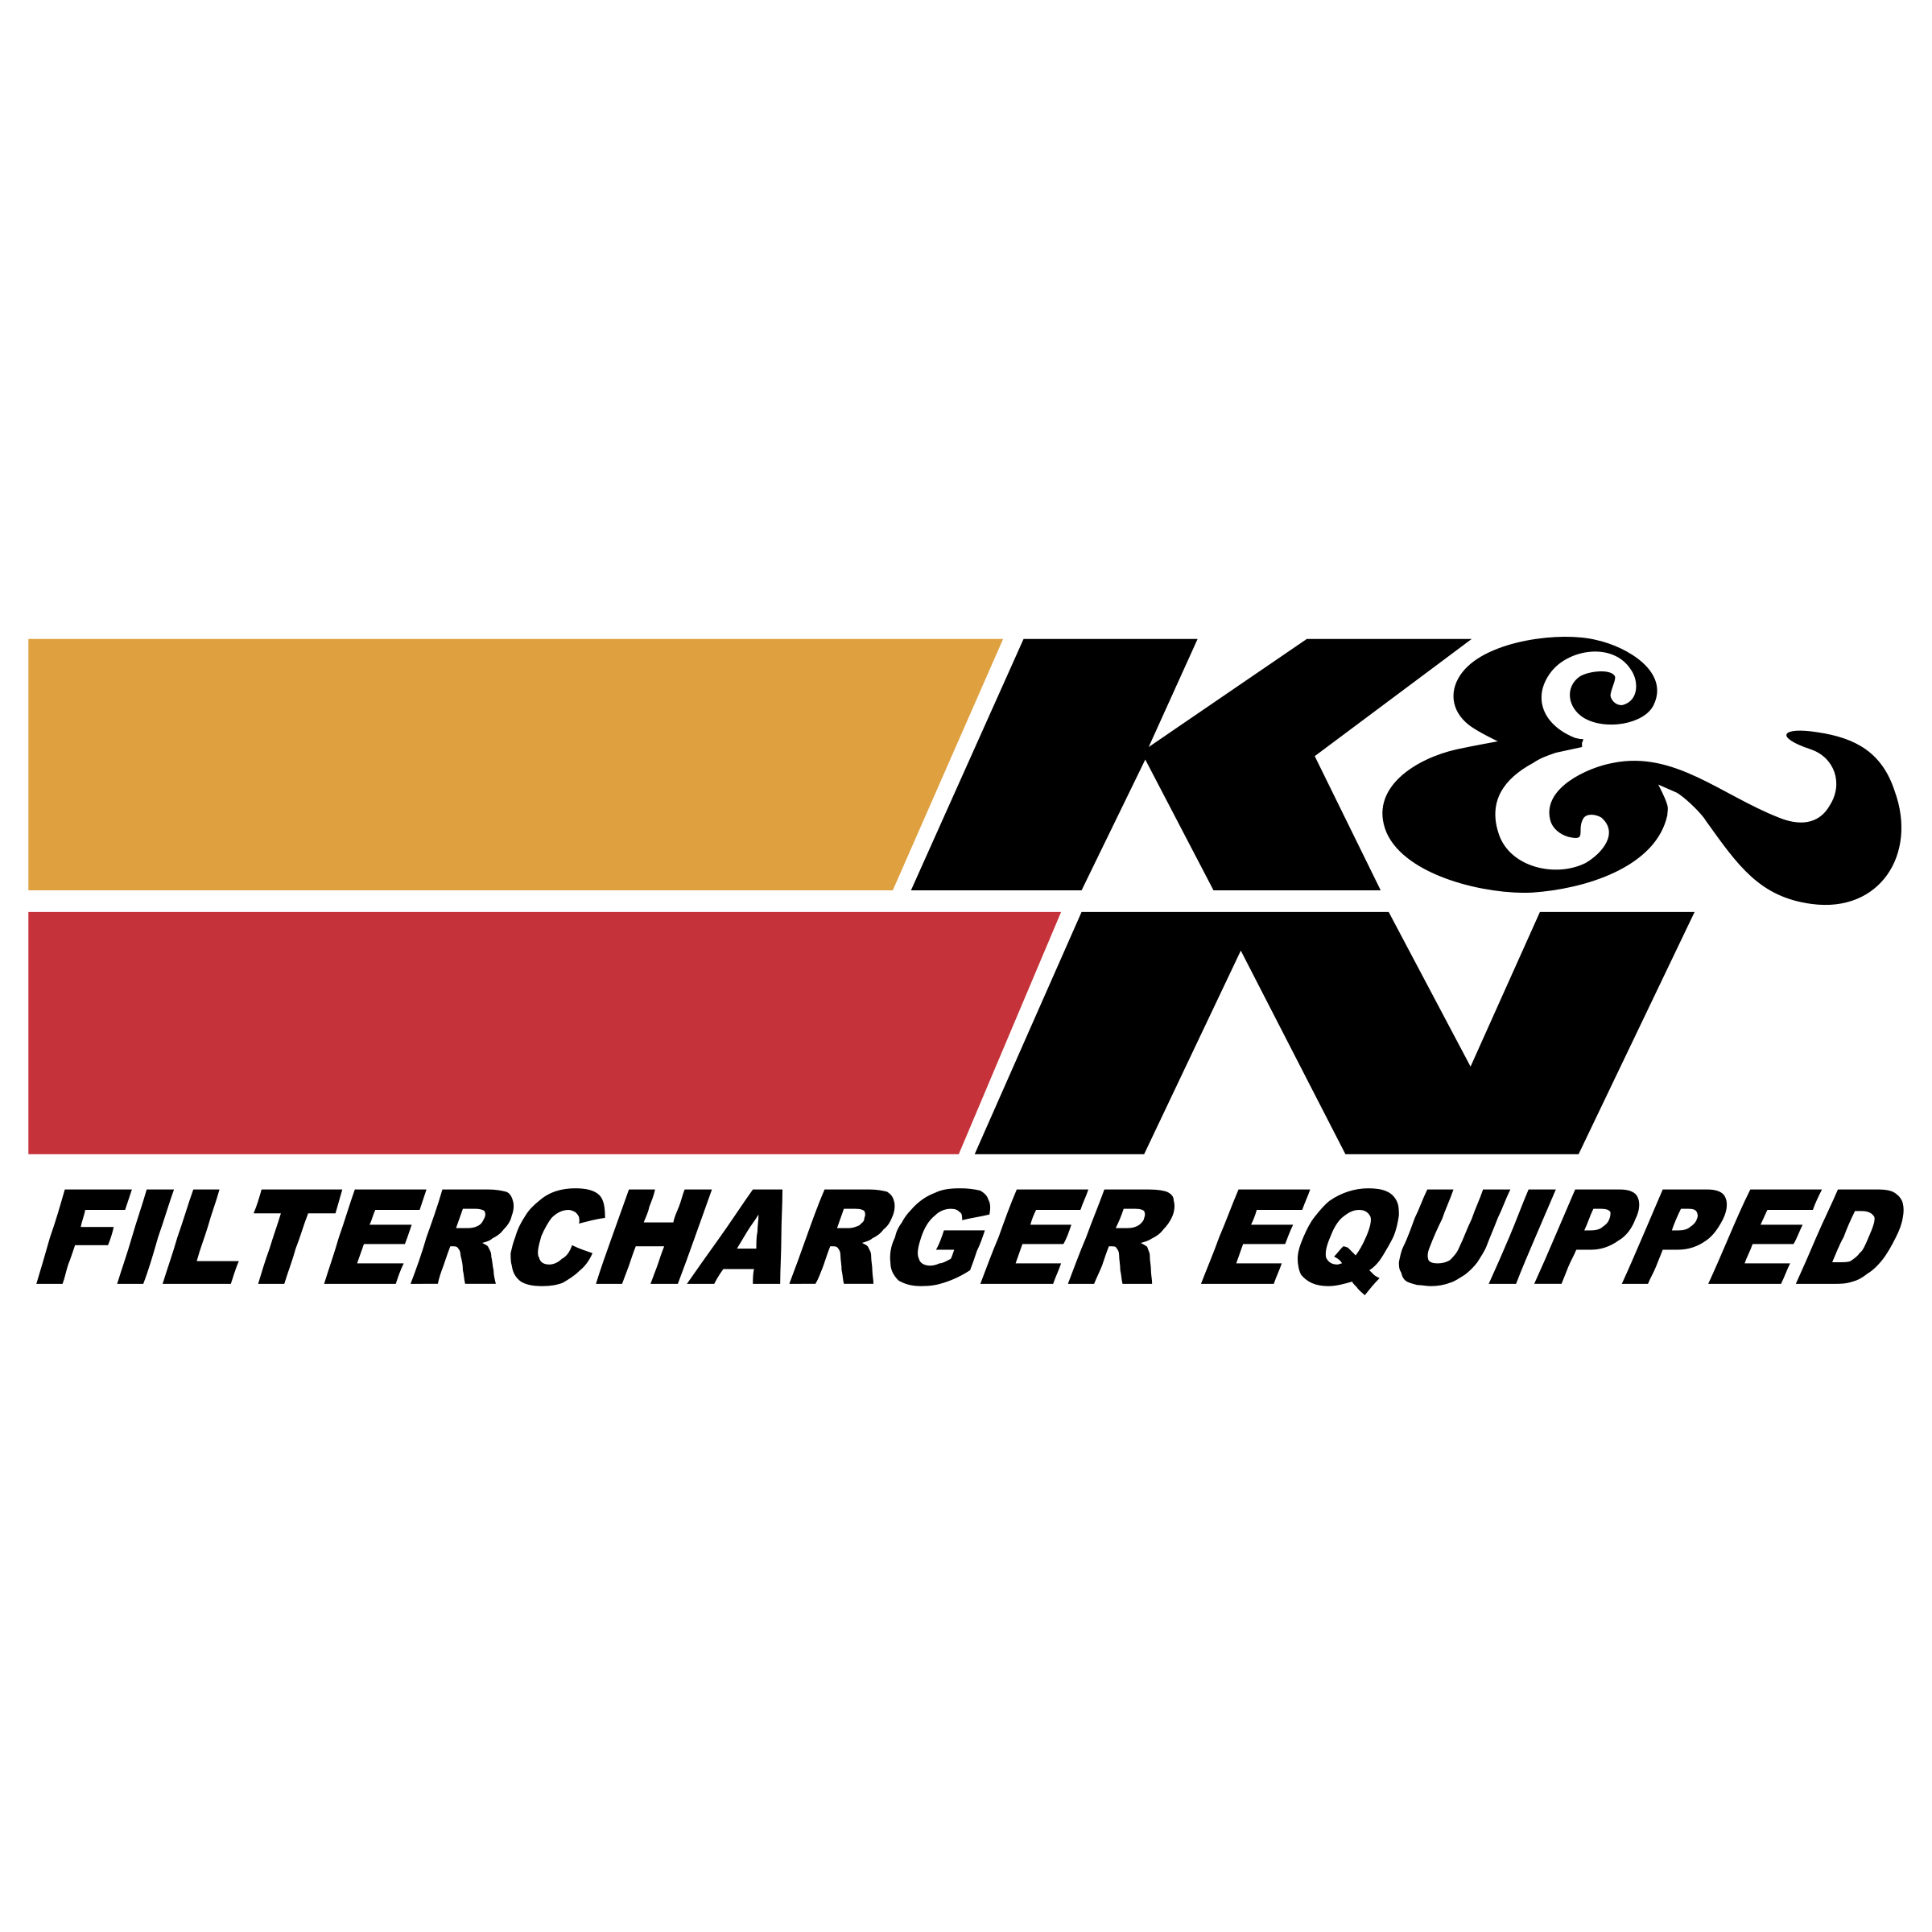 K&N Logo PNG Transparent & SVG Vector.